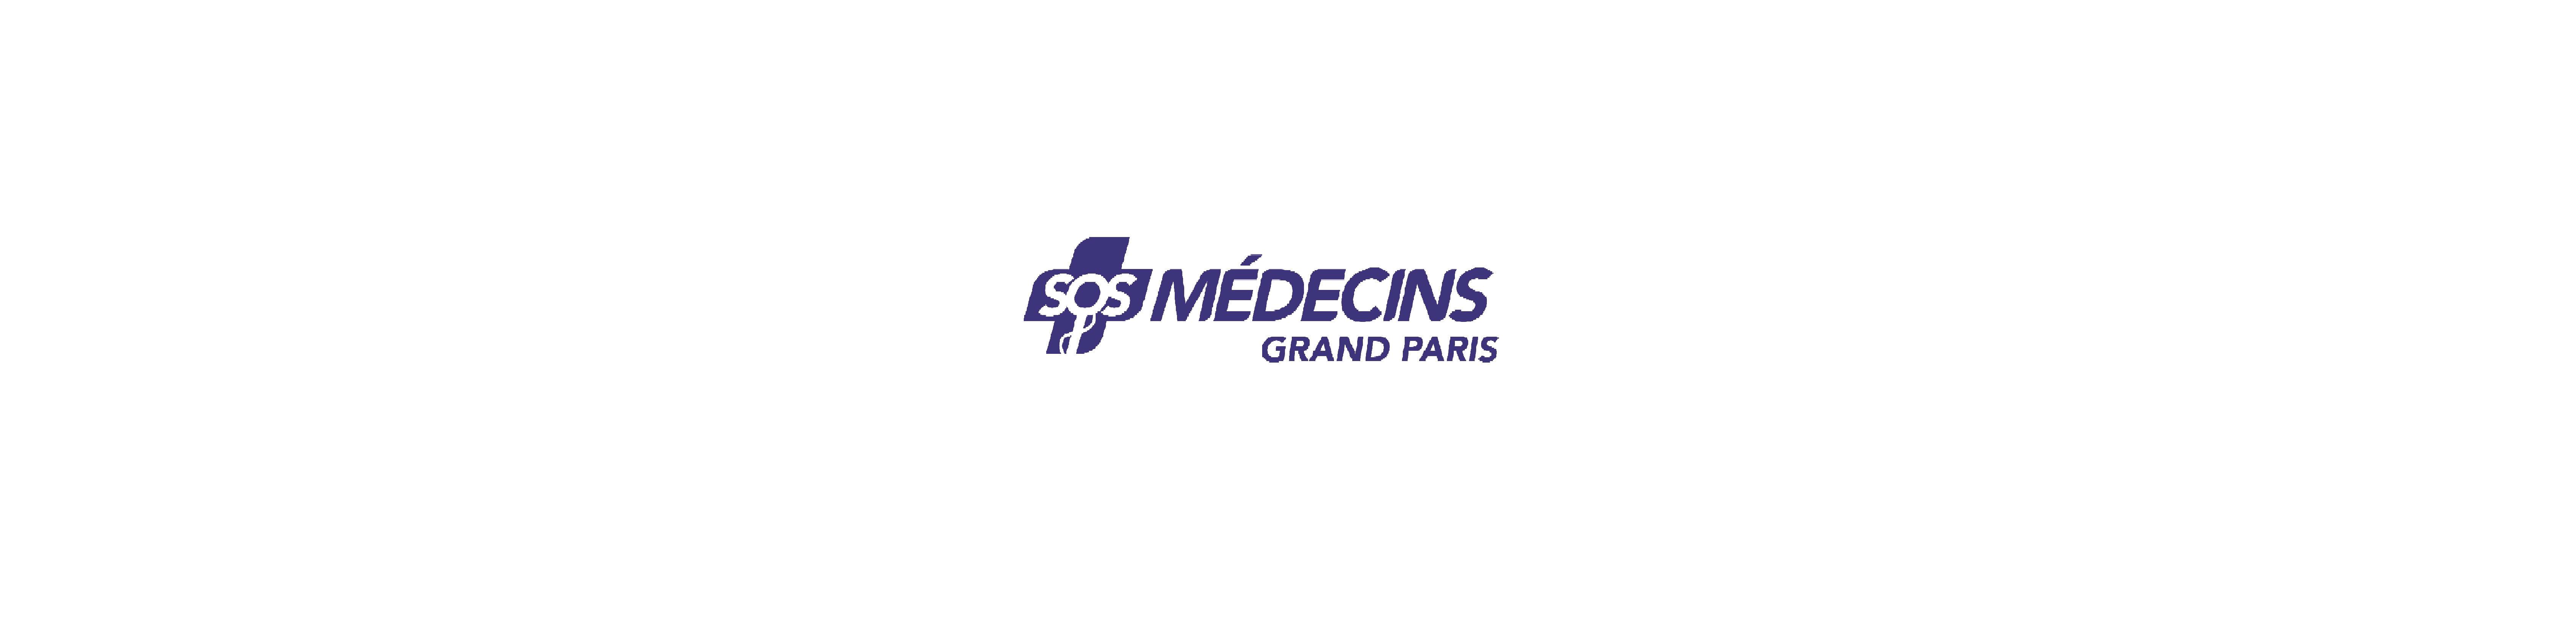 SOS Médecins Grand Paris, Centre de santé à Paris